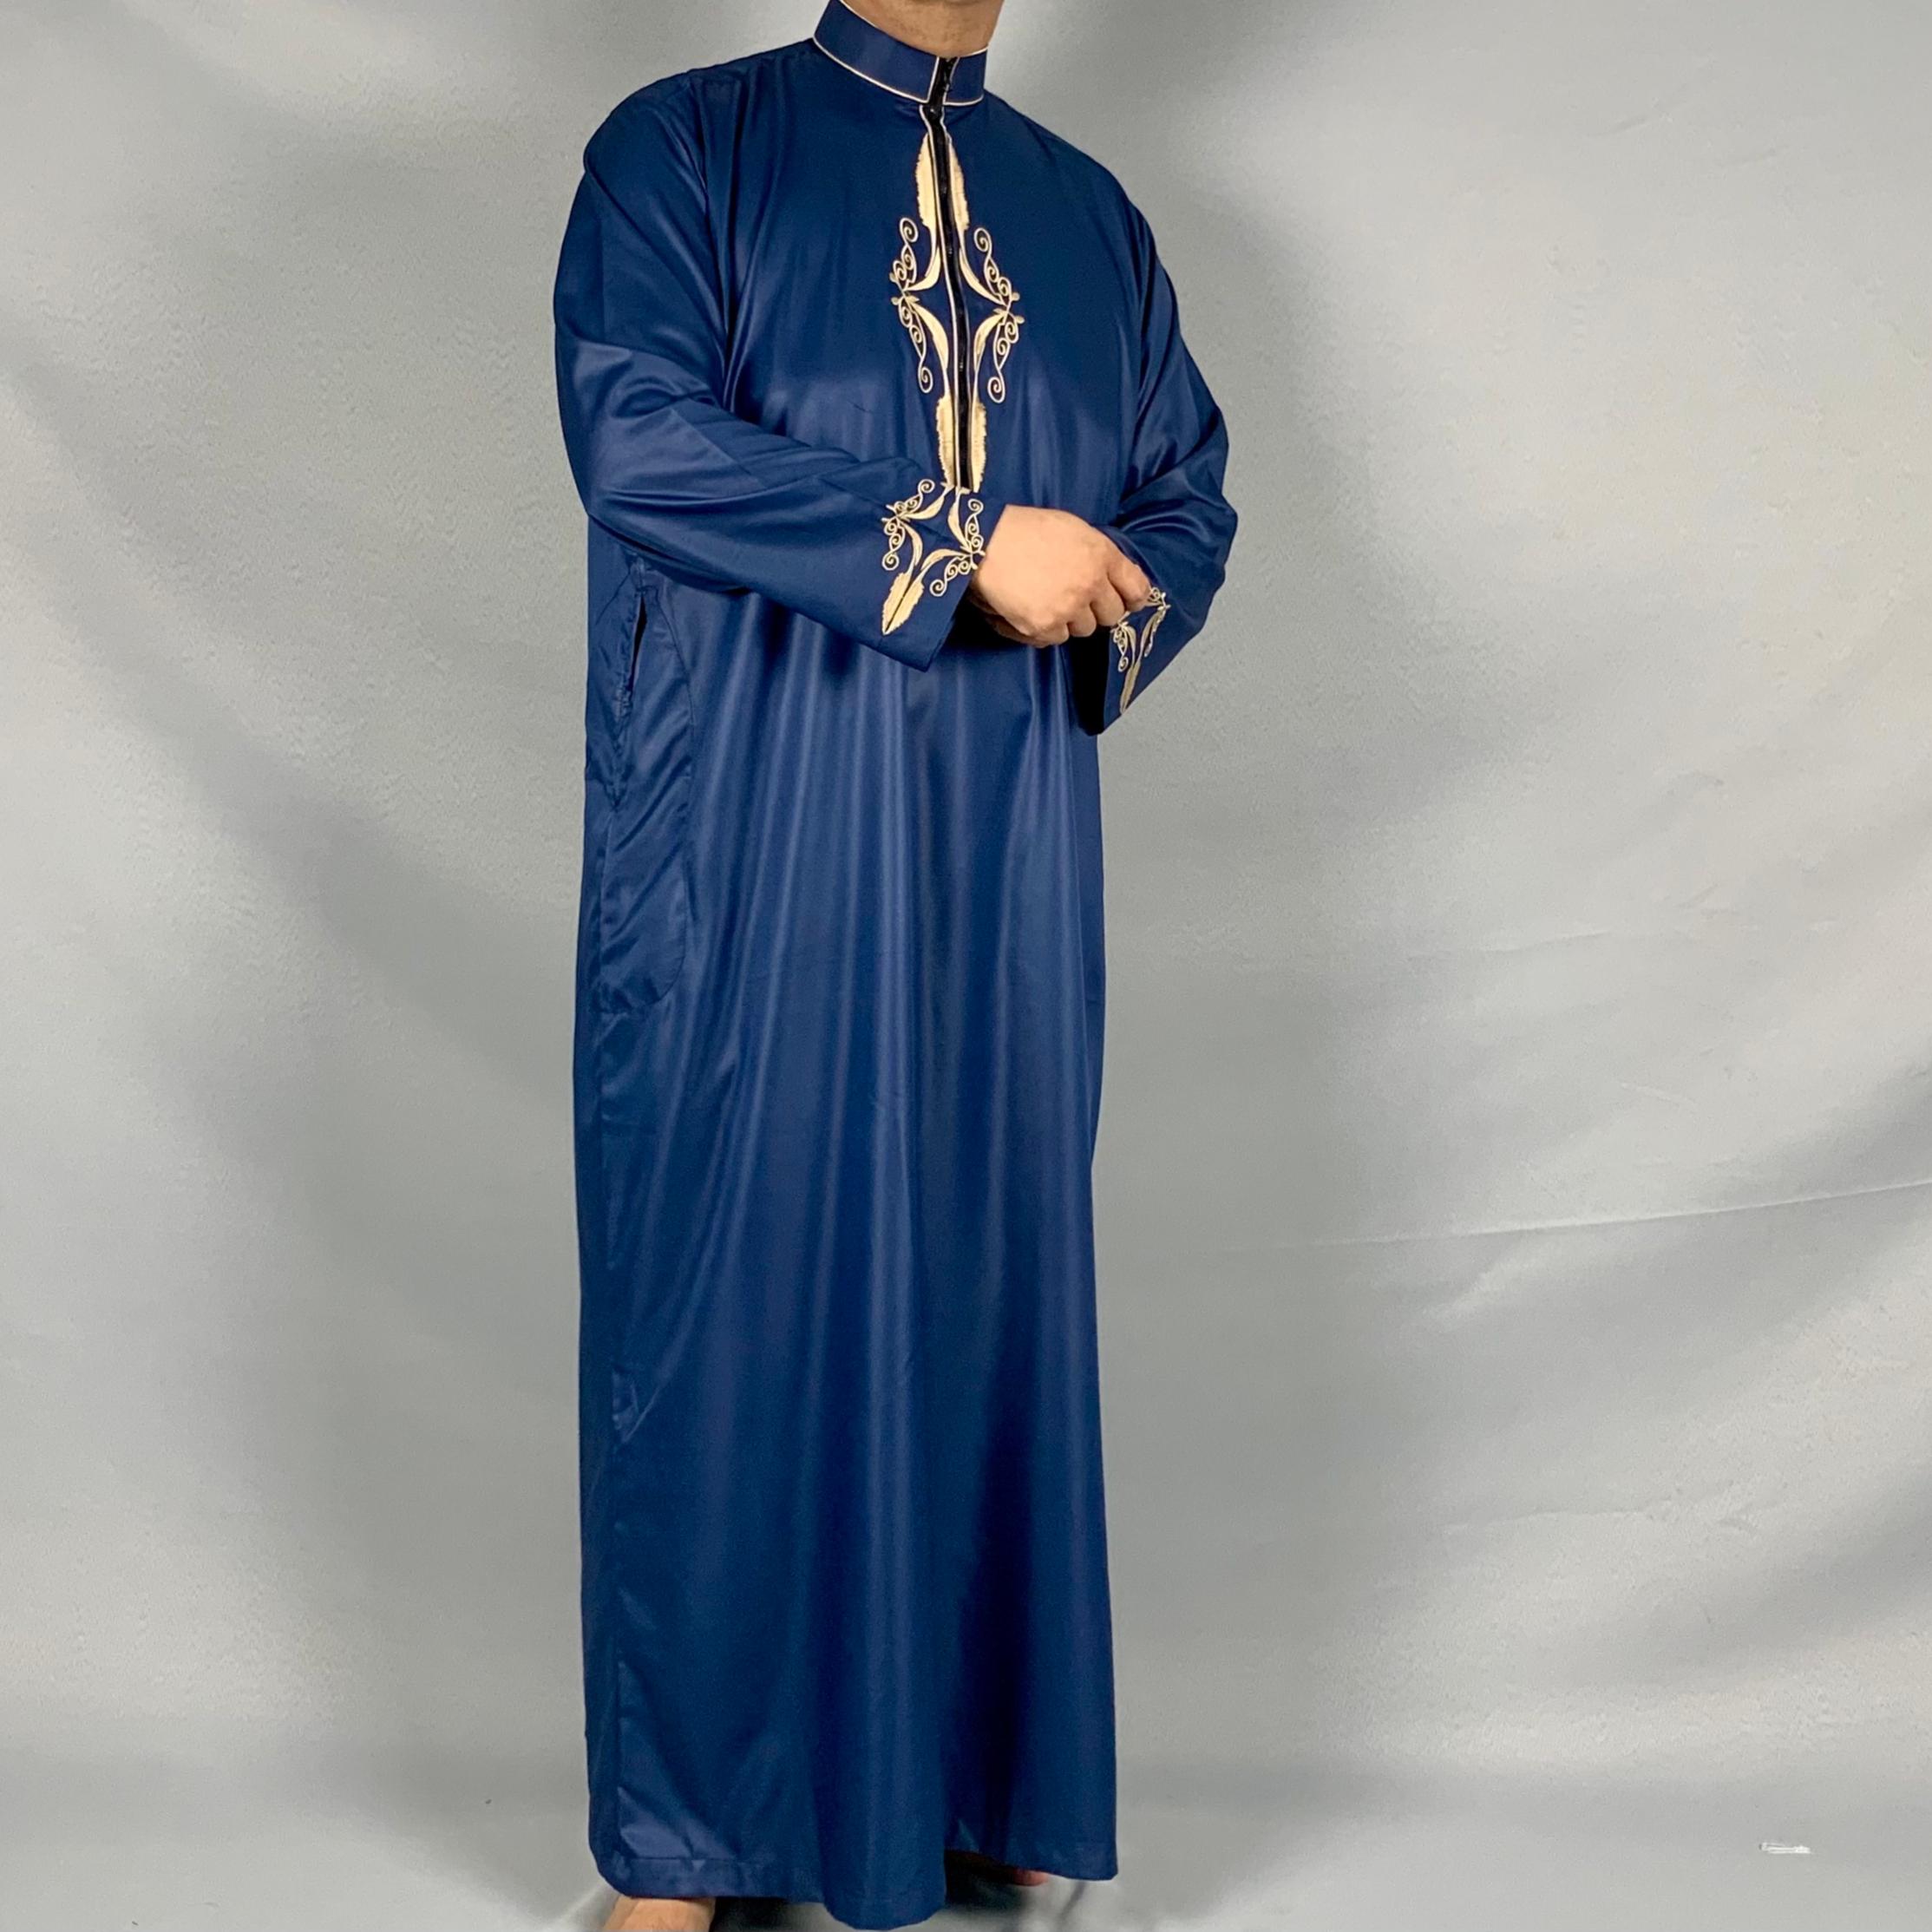 NEW Design 2020 islamic thobe for men African men clothing